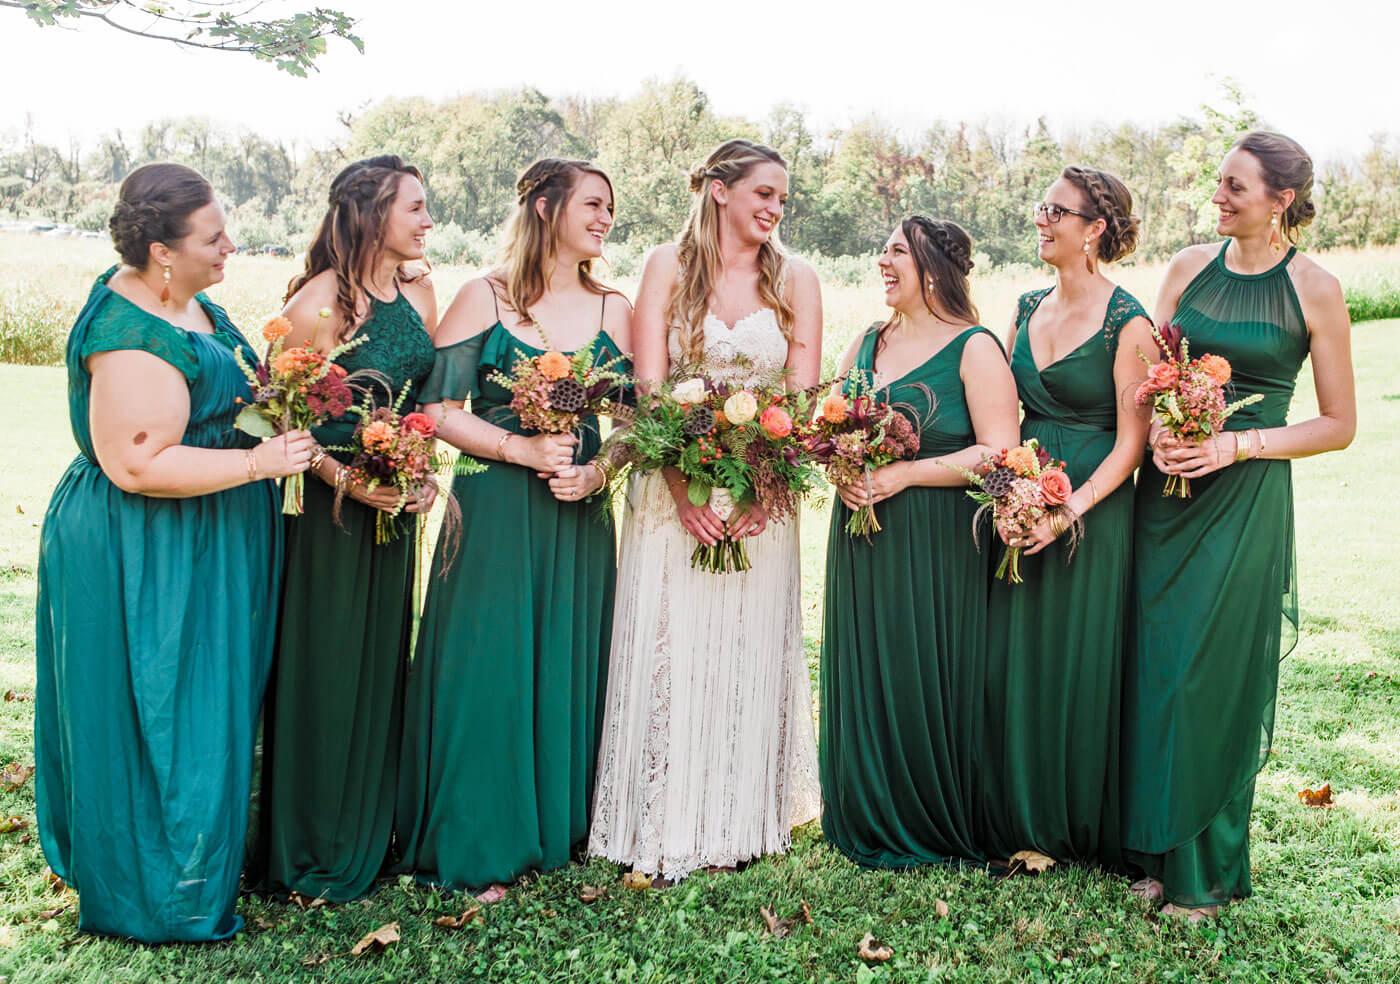 brautjungfernkleider in grün – ein must-have für alle, die